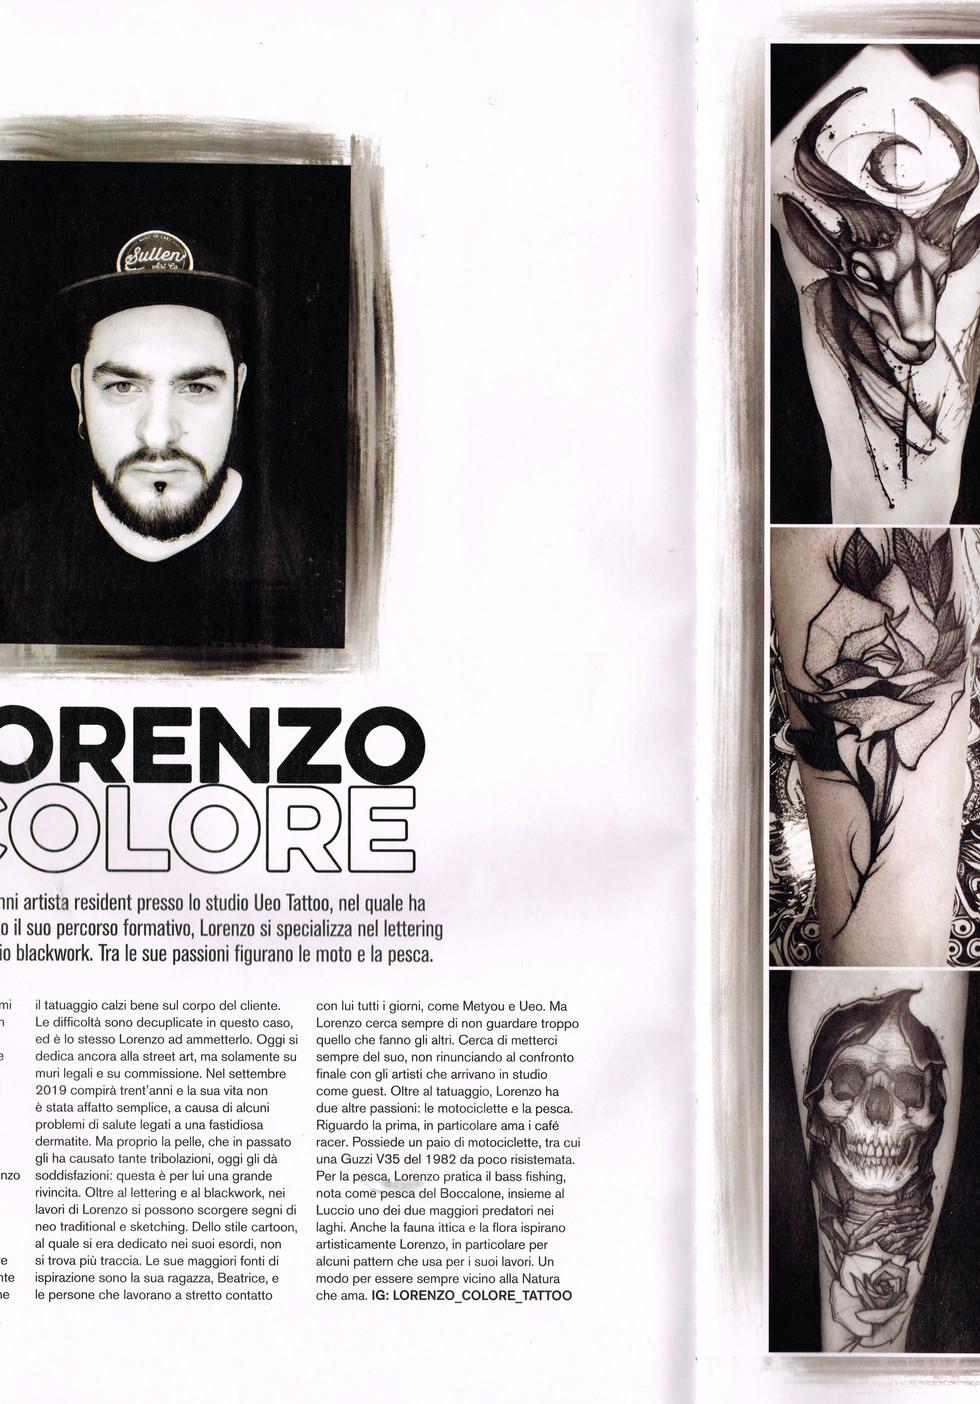 lorenzo-colore-tattoo-tattoo-como-tattoo